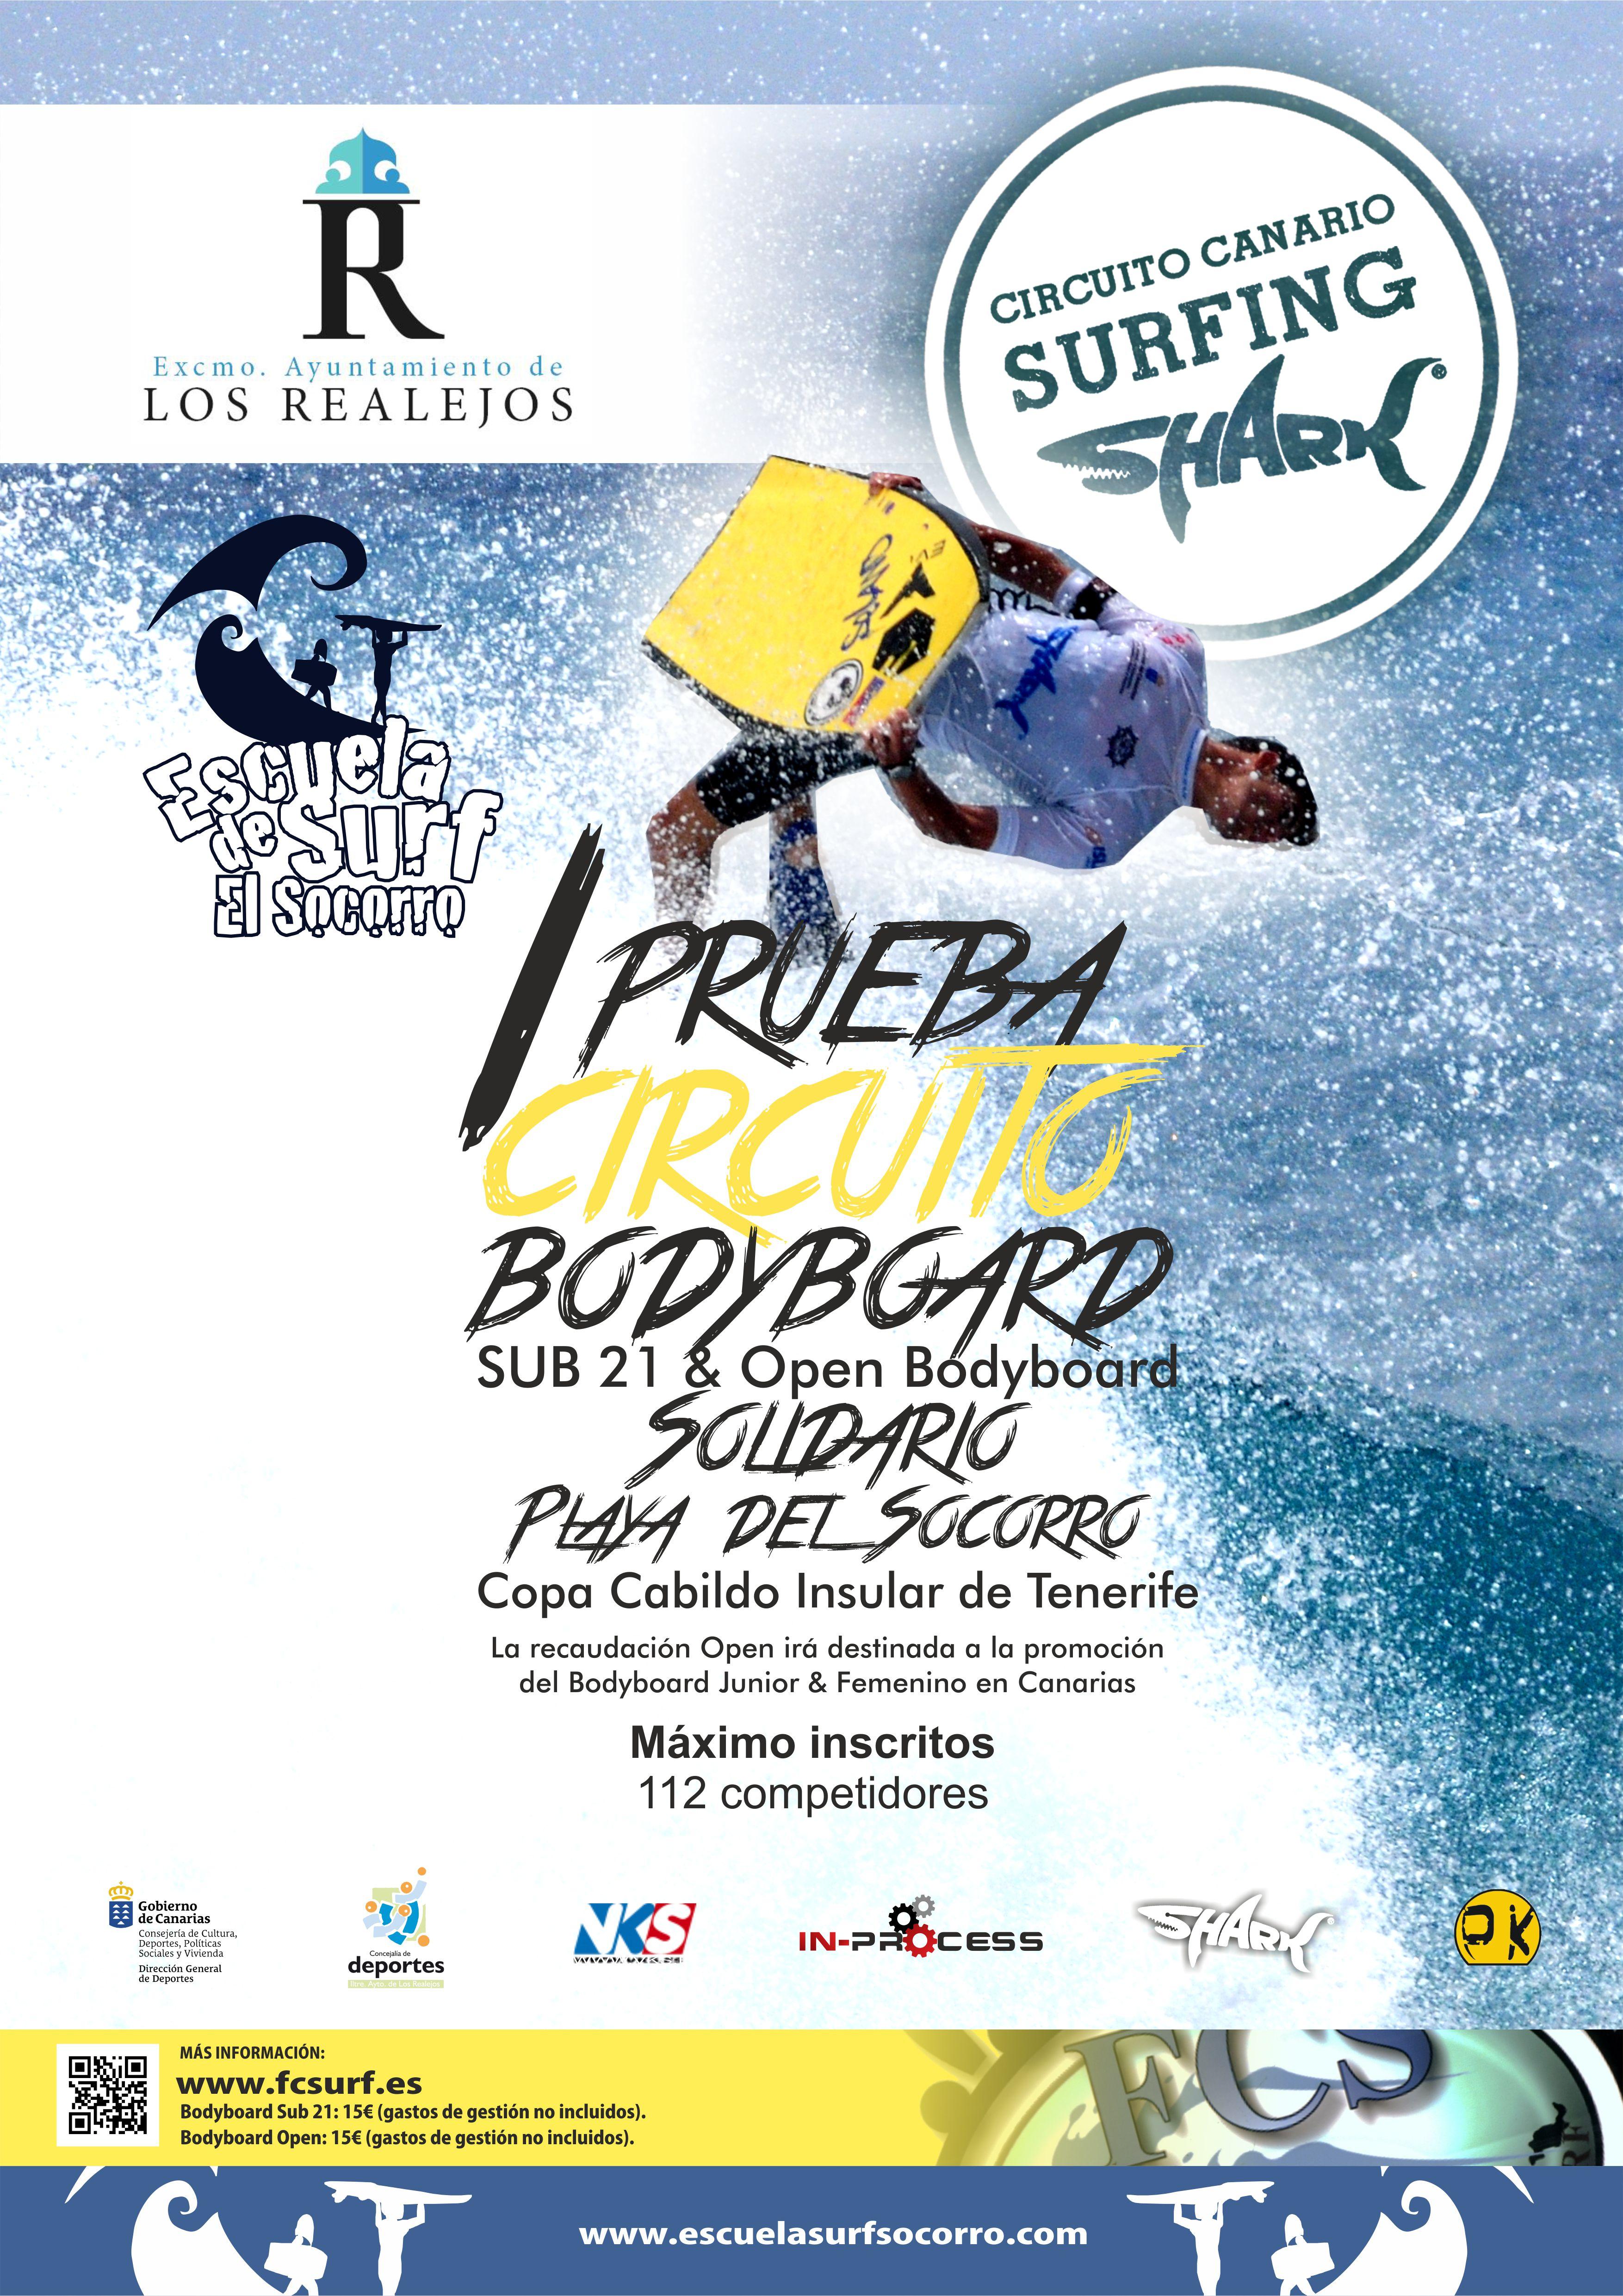 I PRUEBA CIRCUITO CANARIO DE SURFING SHARK-BODYBOARD SUB 21 - Inscrivez-vous